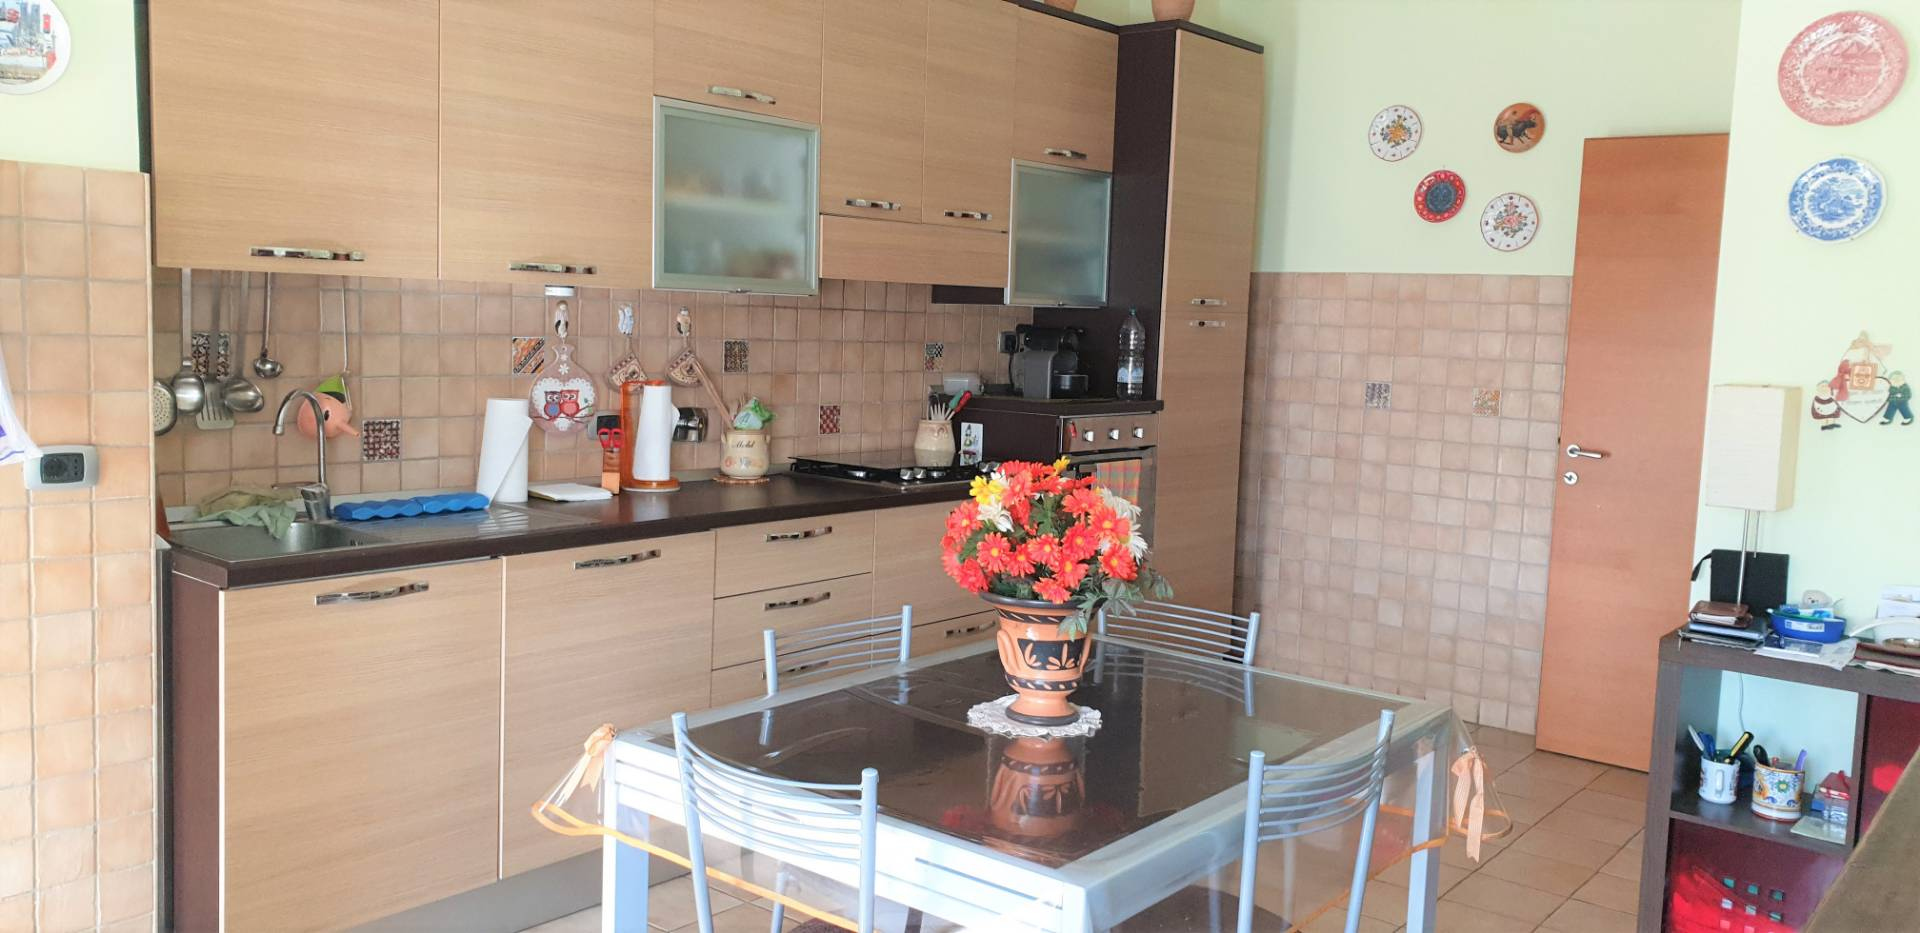 Appartamento VITERBO vendita  Semicentro  Coldwell Banker Sintony